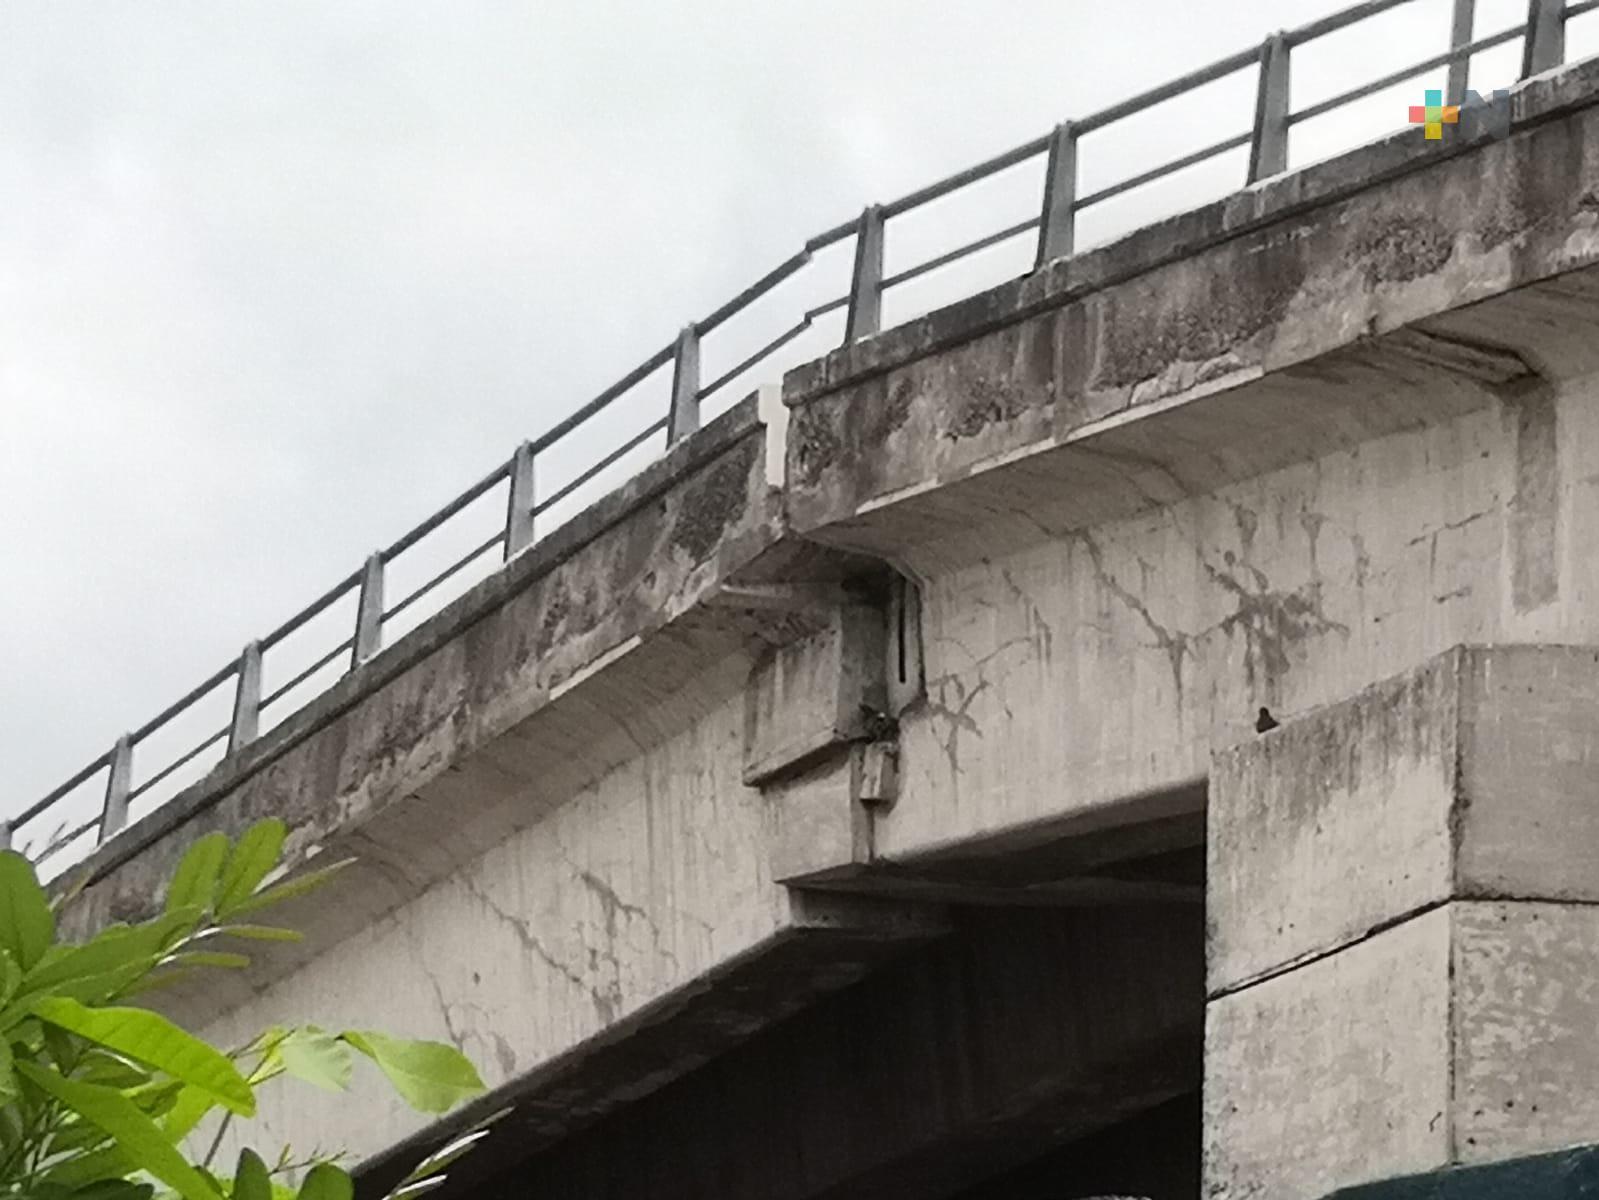 Vecinos piden se revise estructura del puente Jiménez de la ciudad de Veracruz